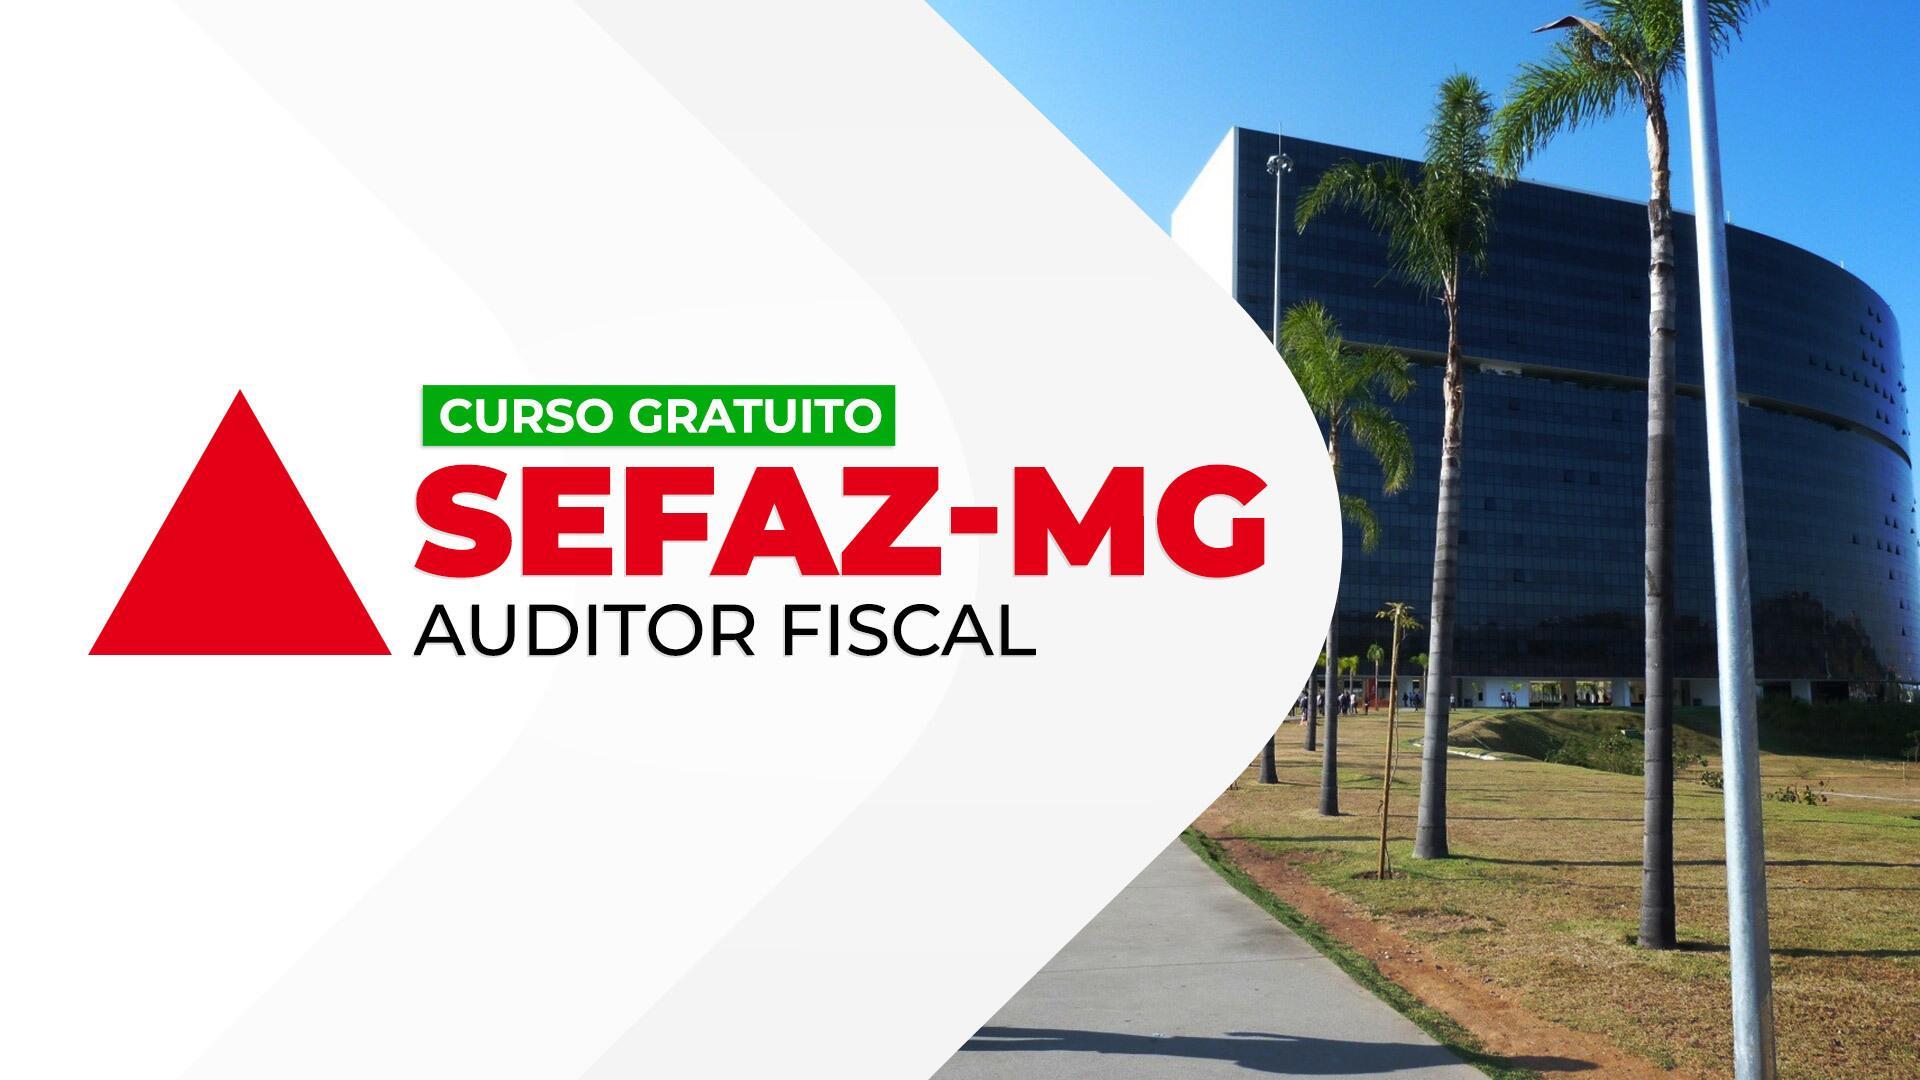 SEFAZ MG Auditor Fiscal da Receita Estadual de Minas Gerais - GRATUITO